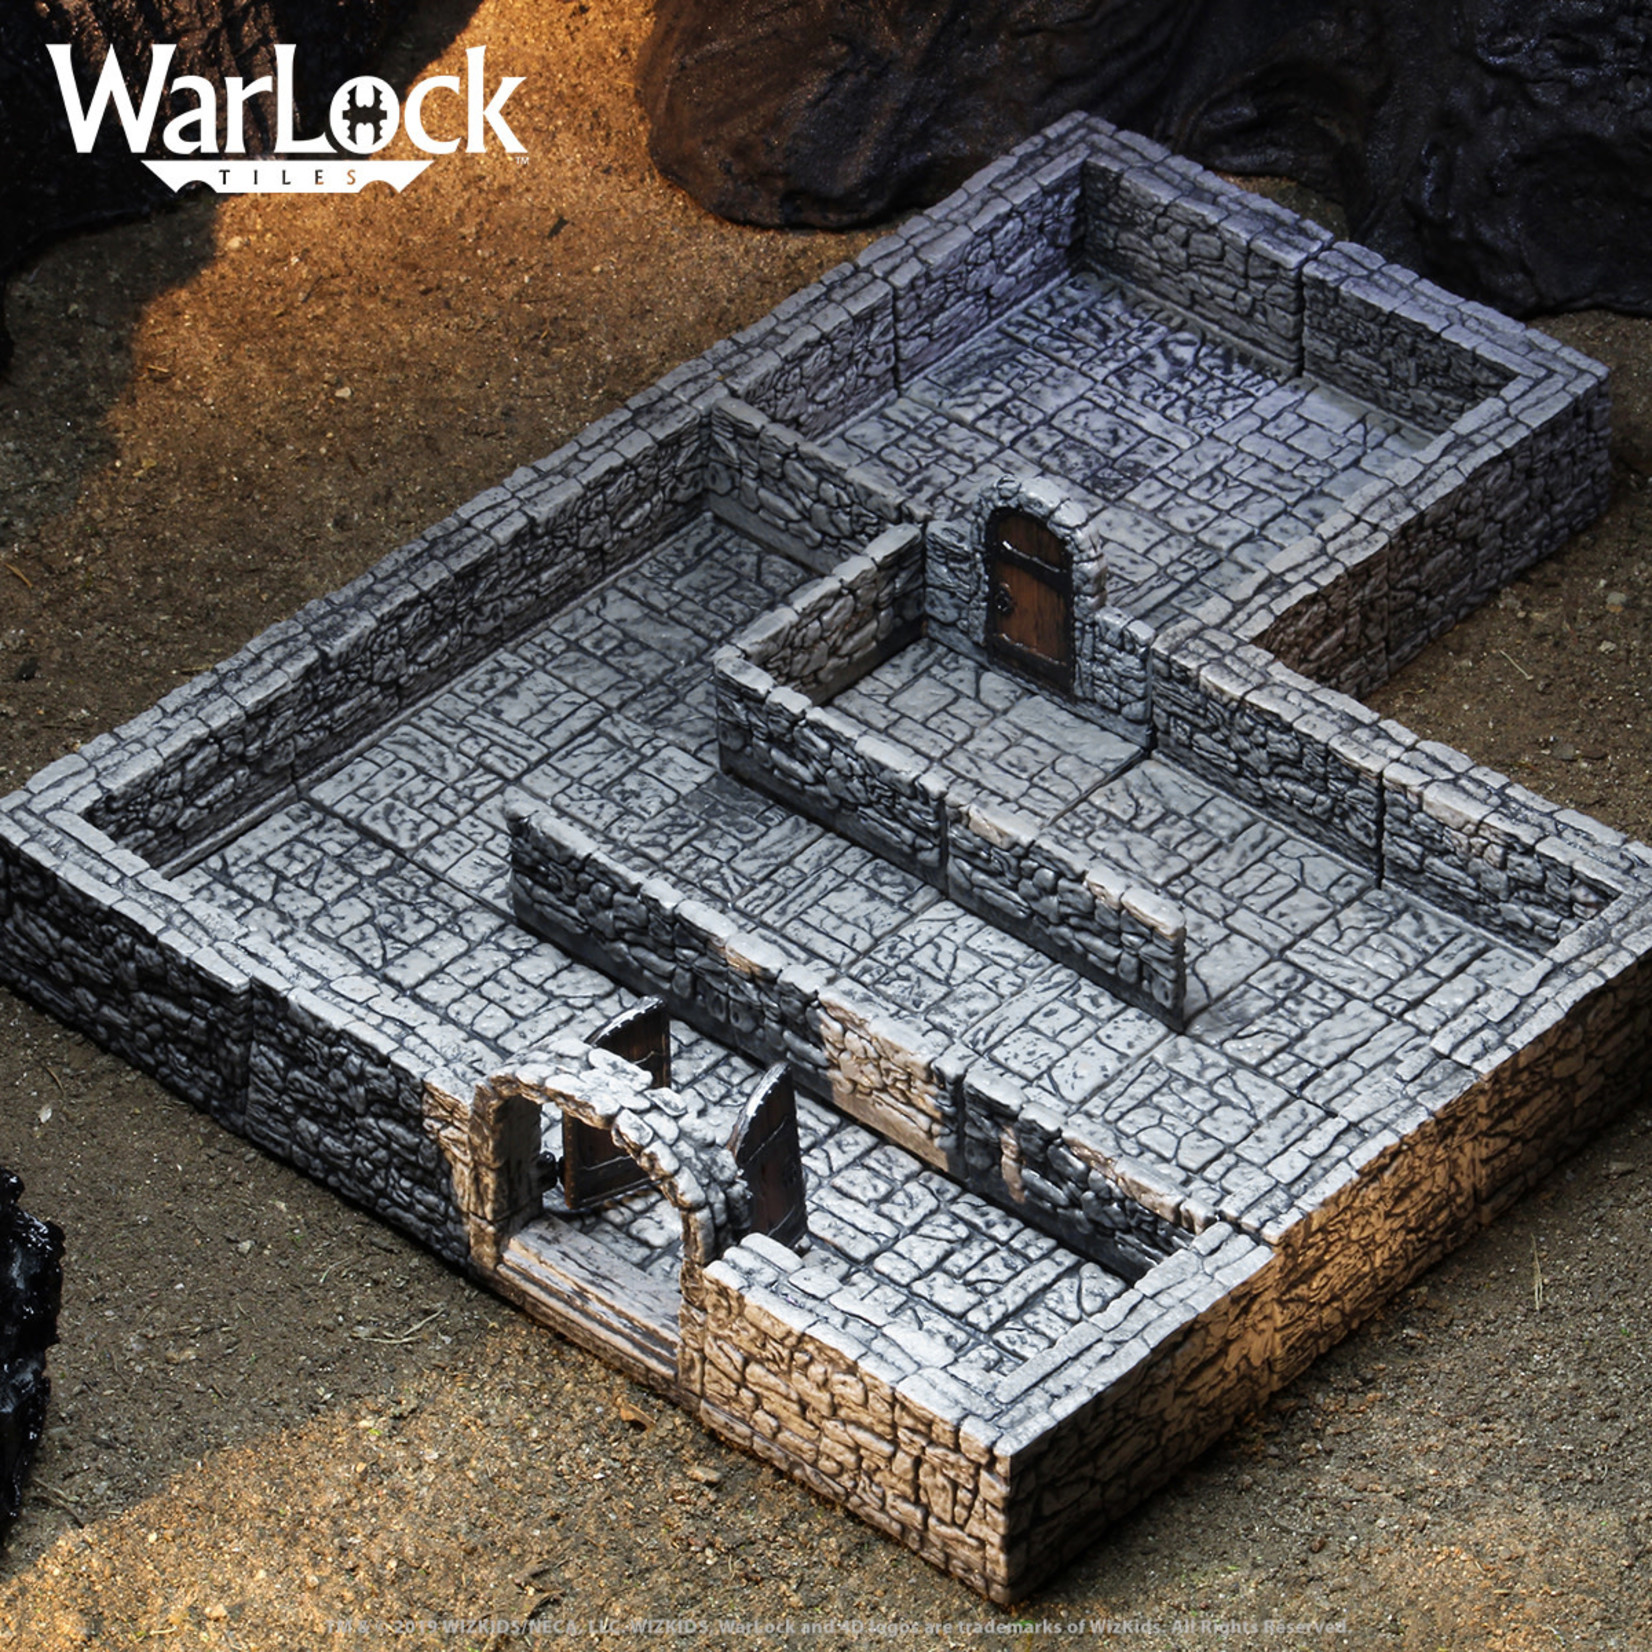 WizKids WarLock Tiles: Dungeon Tiles I